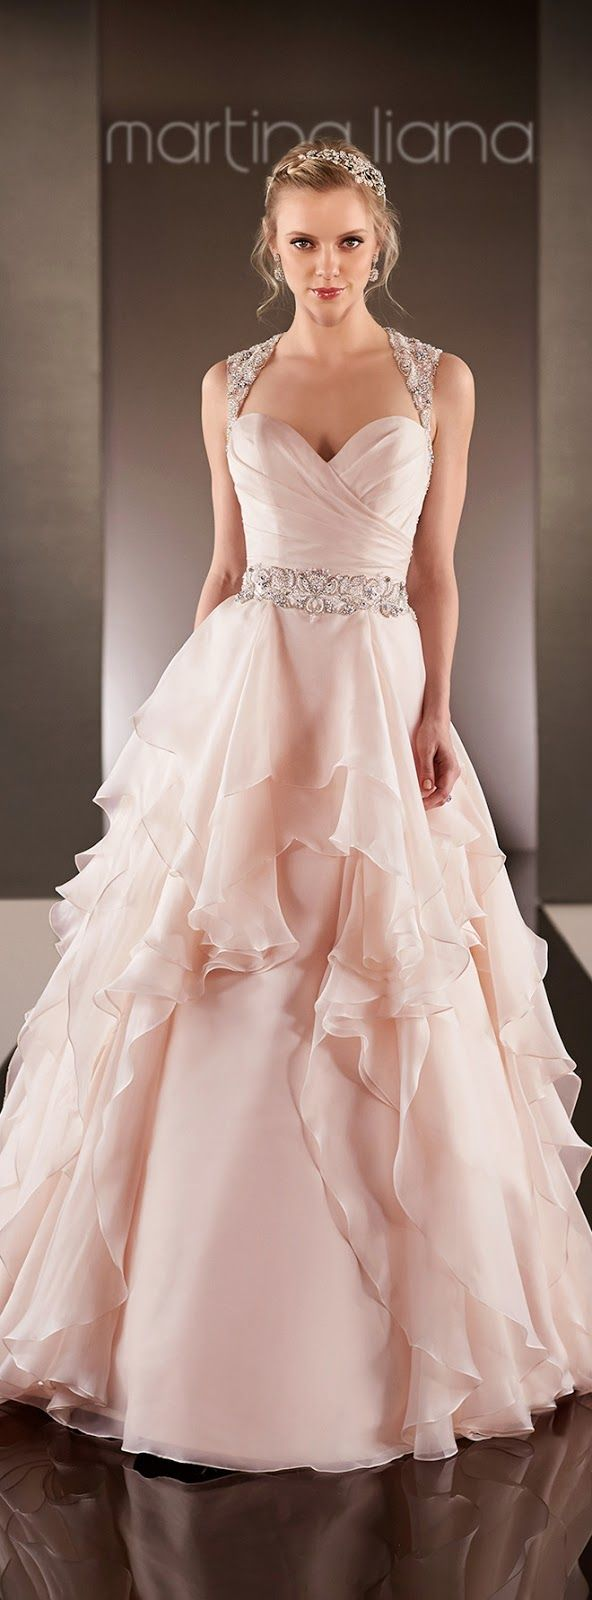 Martina Liana Spring 2015 Bridal Collection | Pinterest | Damas de ...